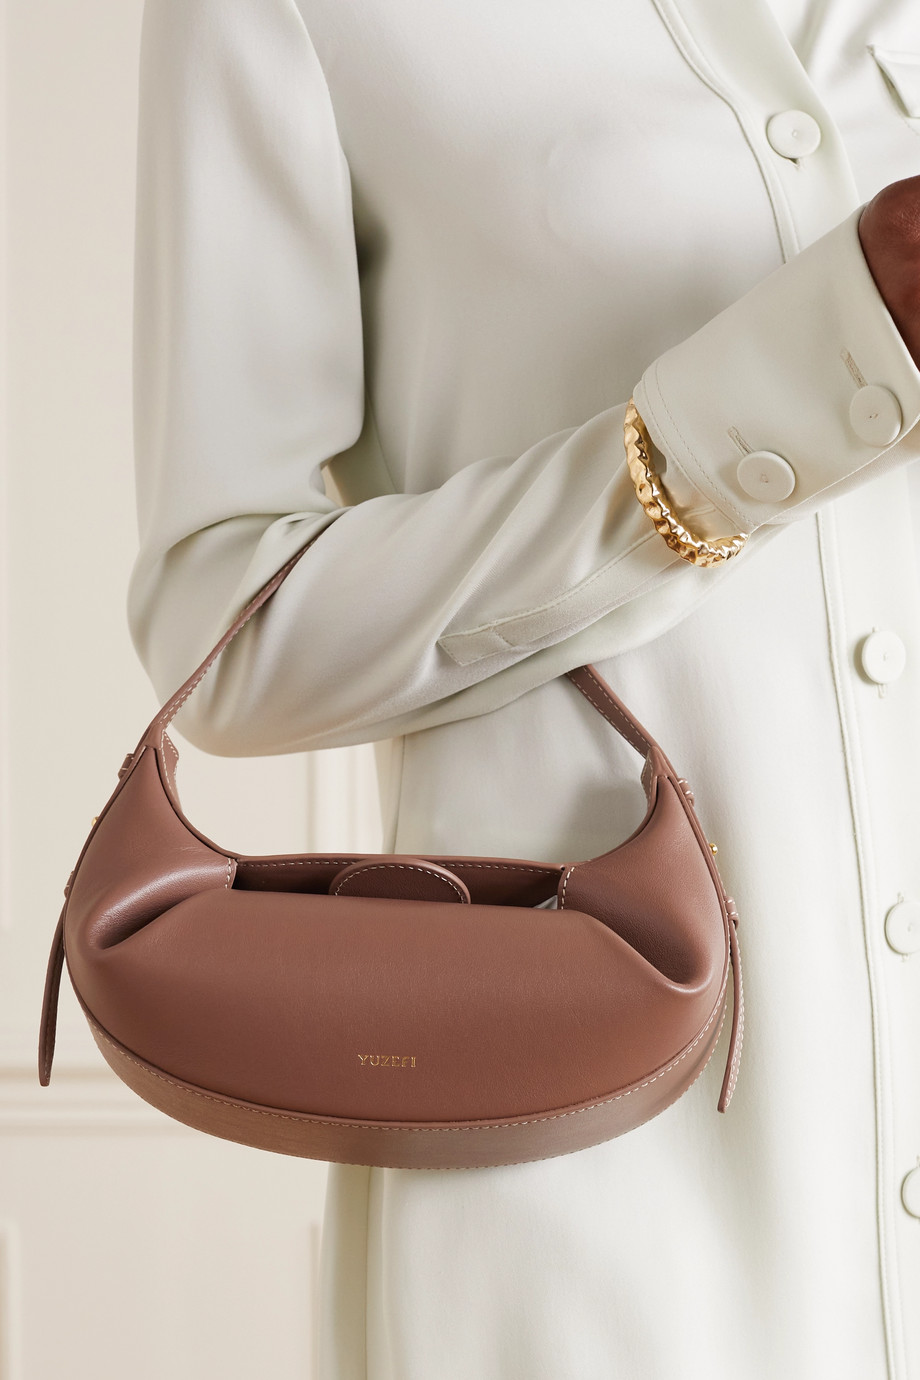 Yuzefi Sac à main en cuir Fortune Cookie Mini